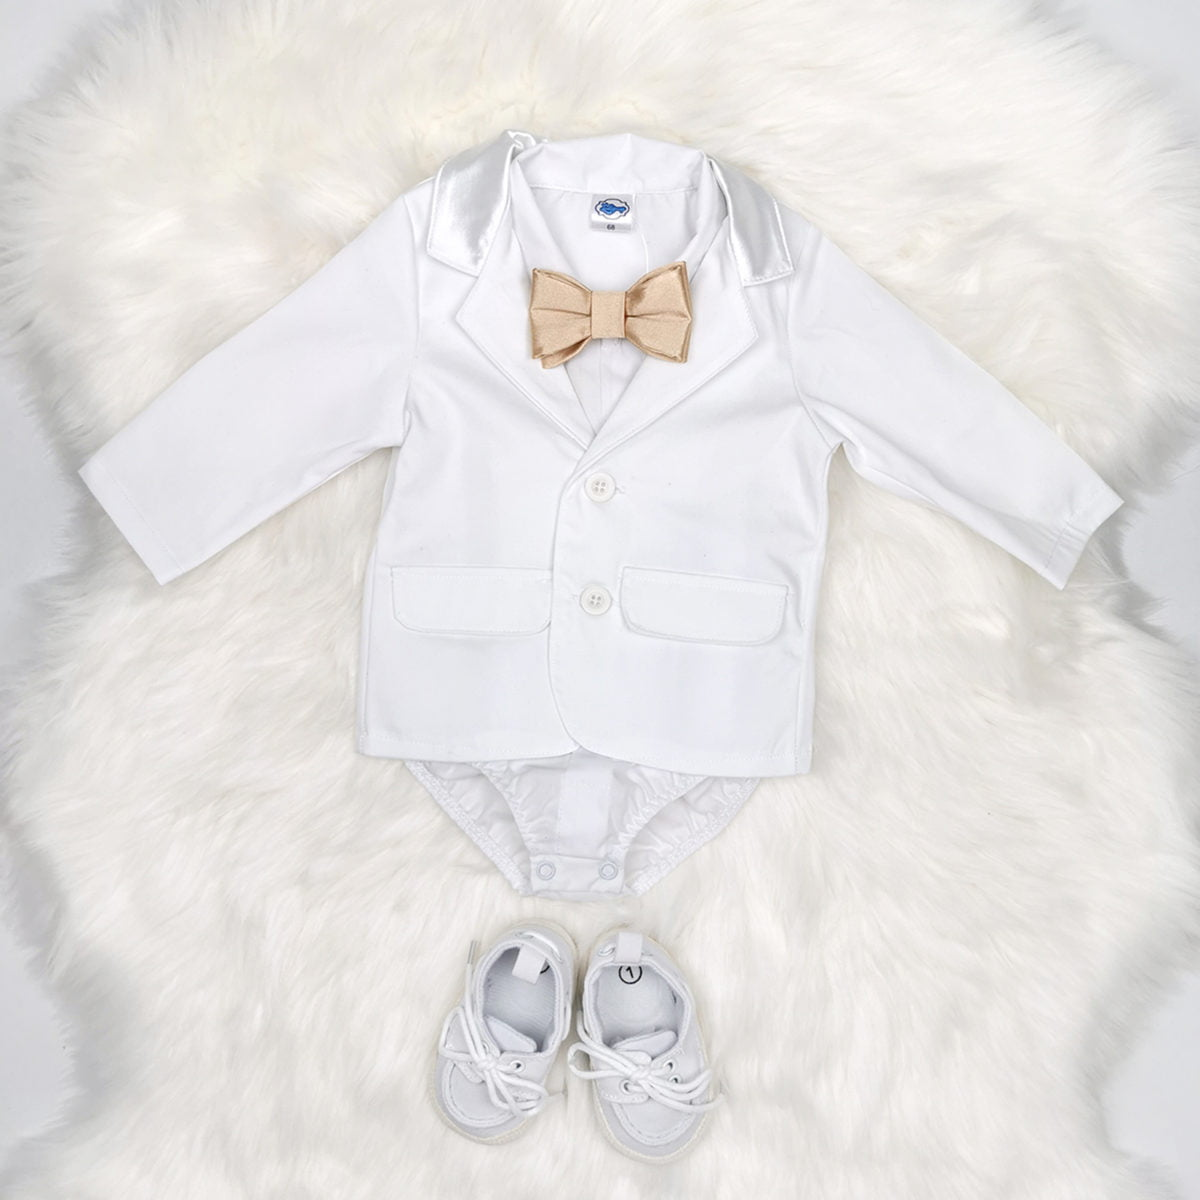 bodi košulja i bijeli sako za krštenje